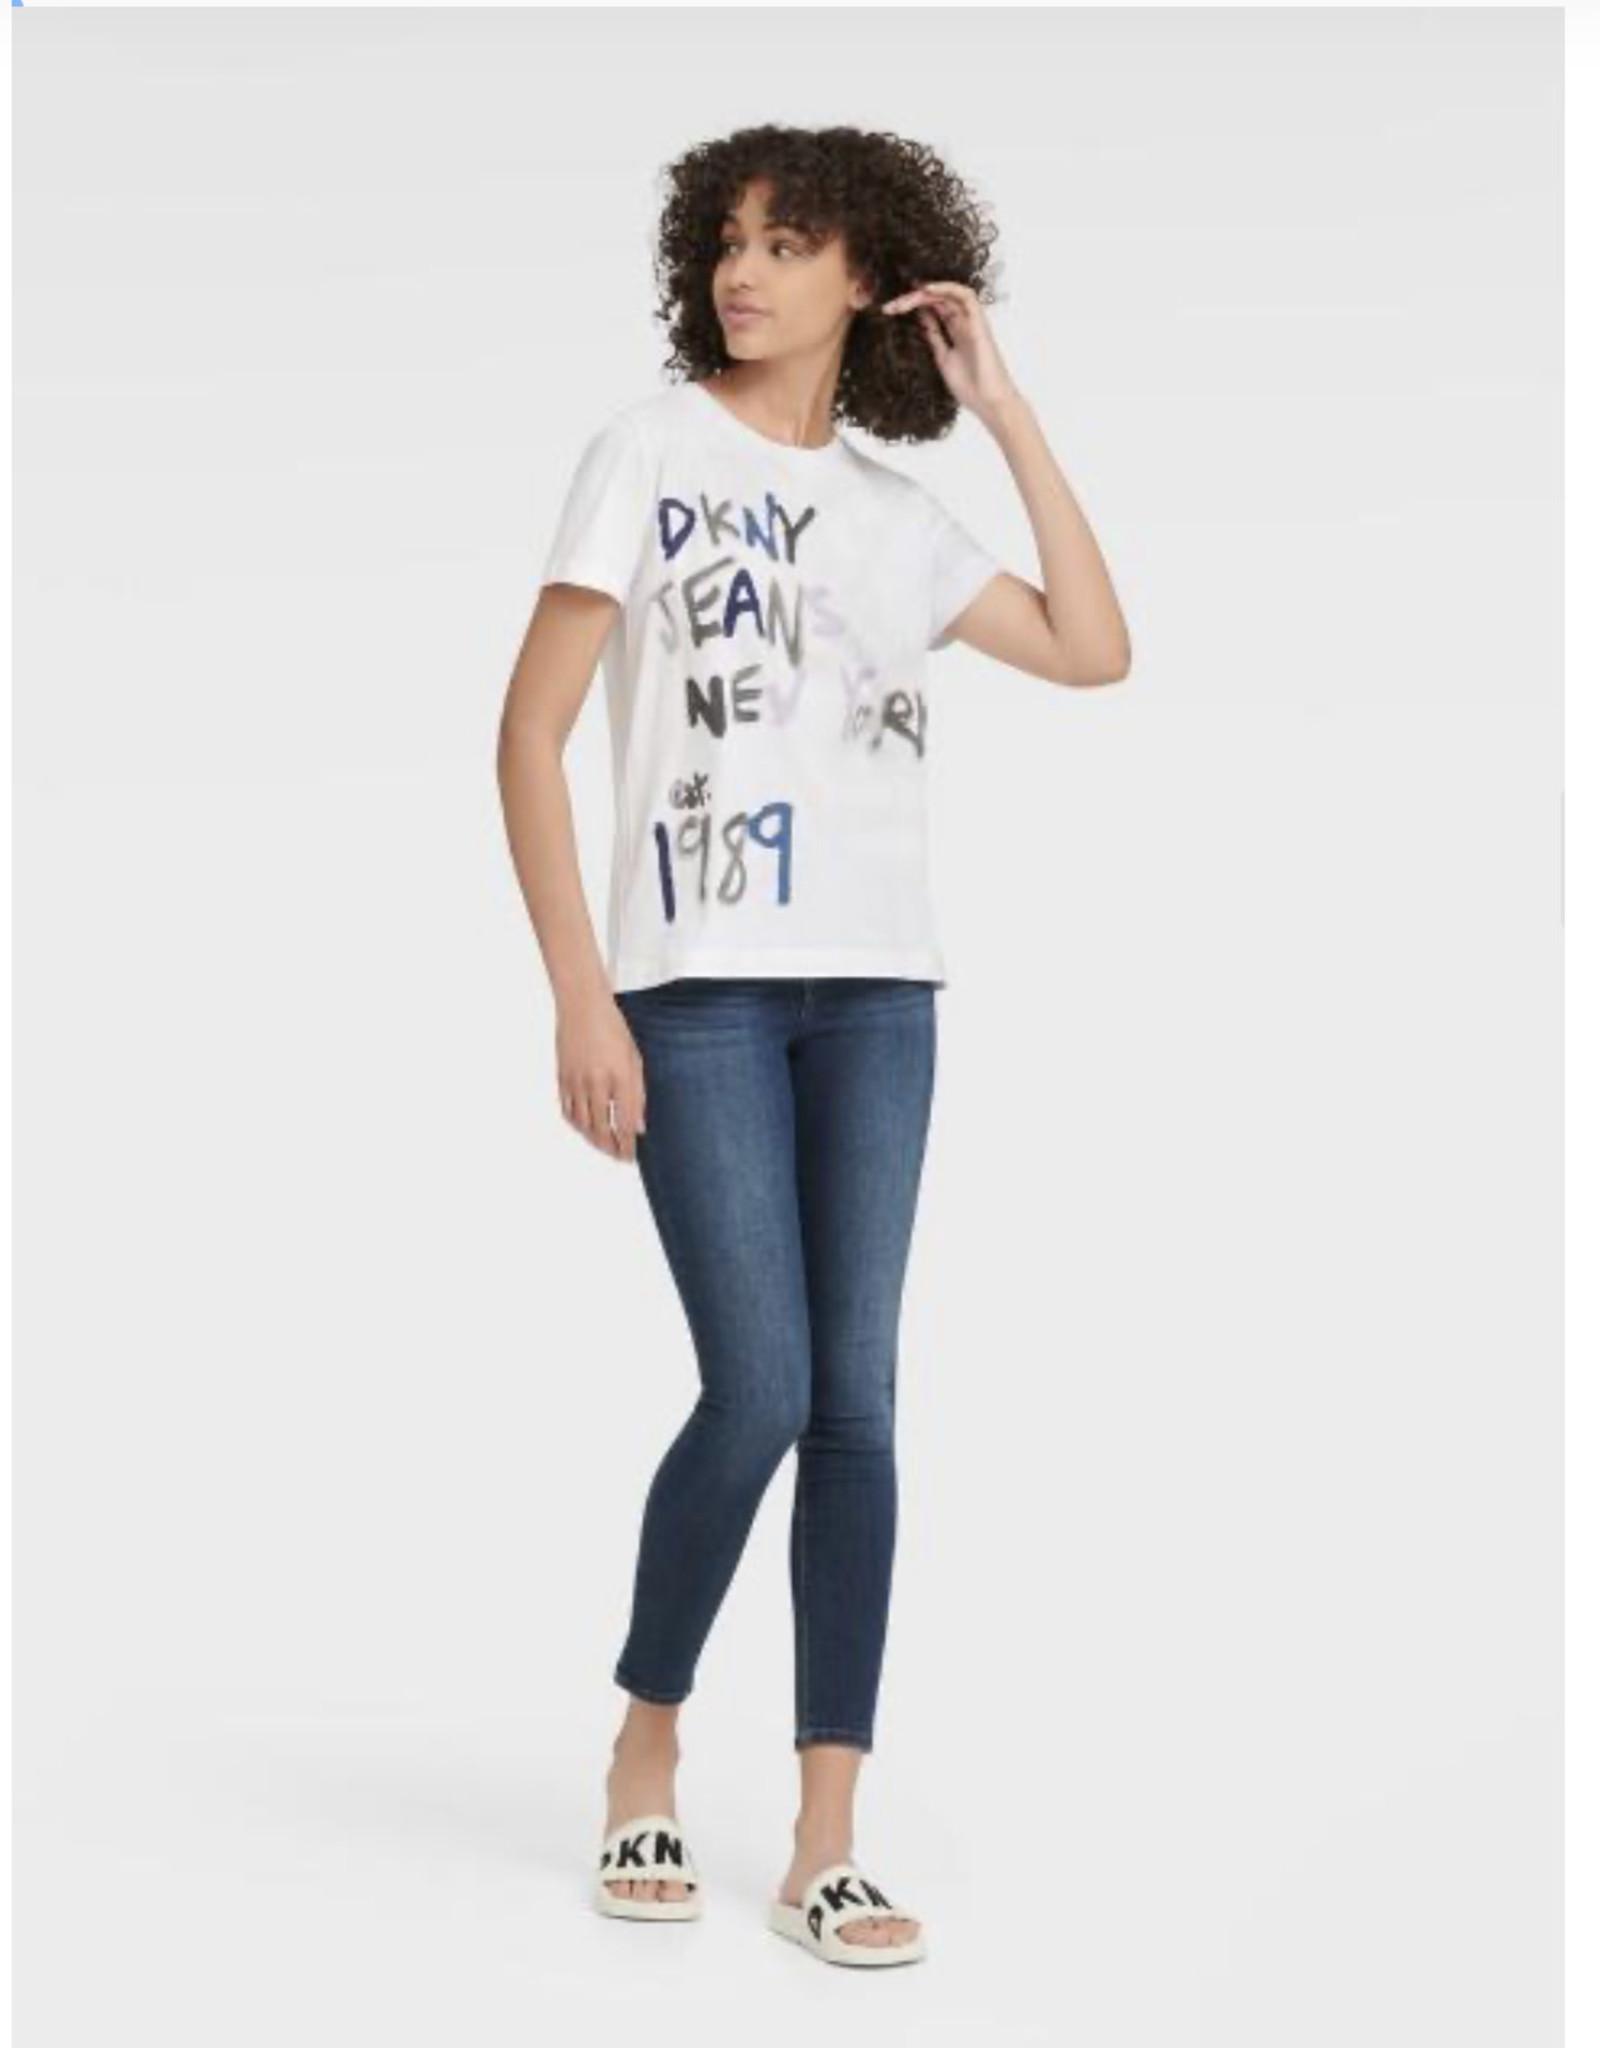 DKNY DKNY Tees Painted Logo